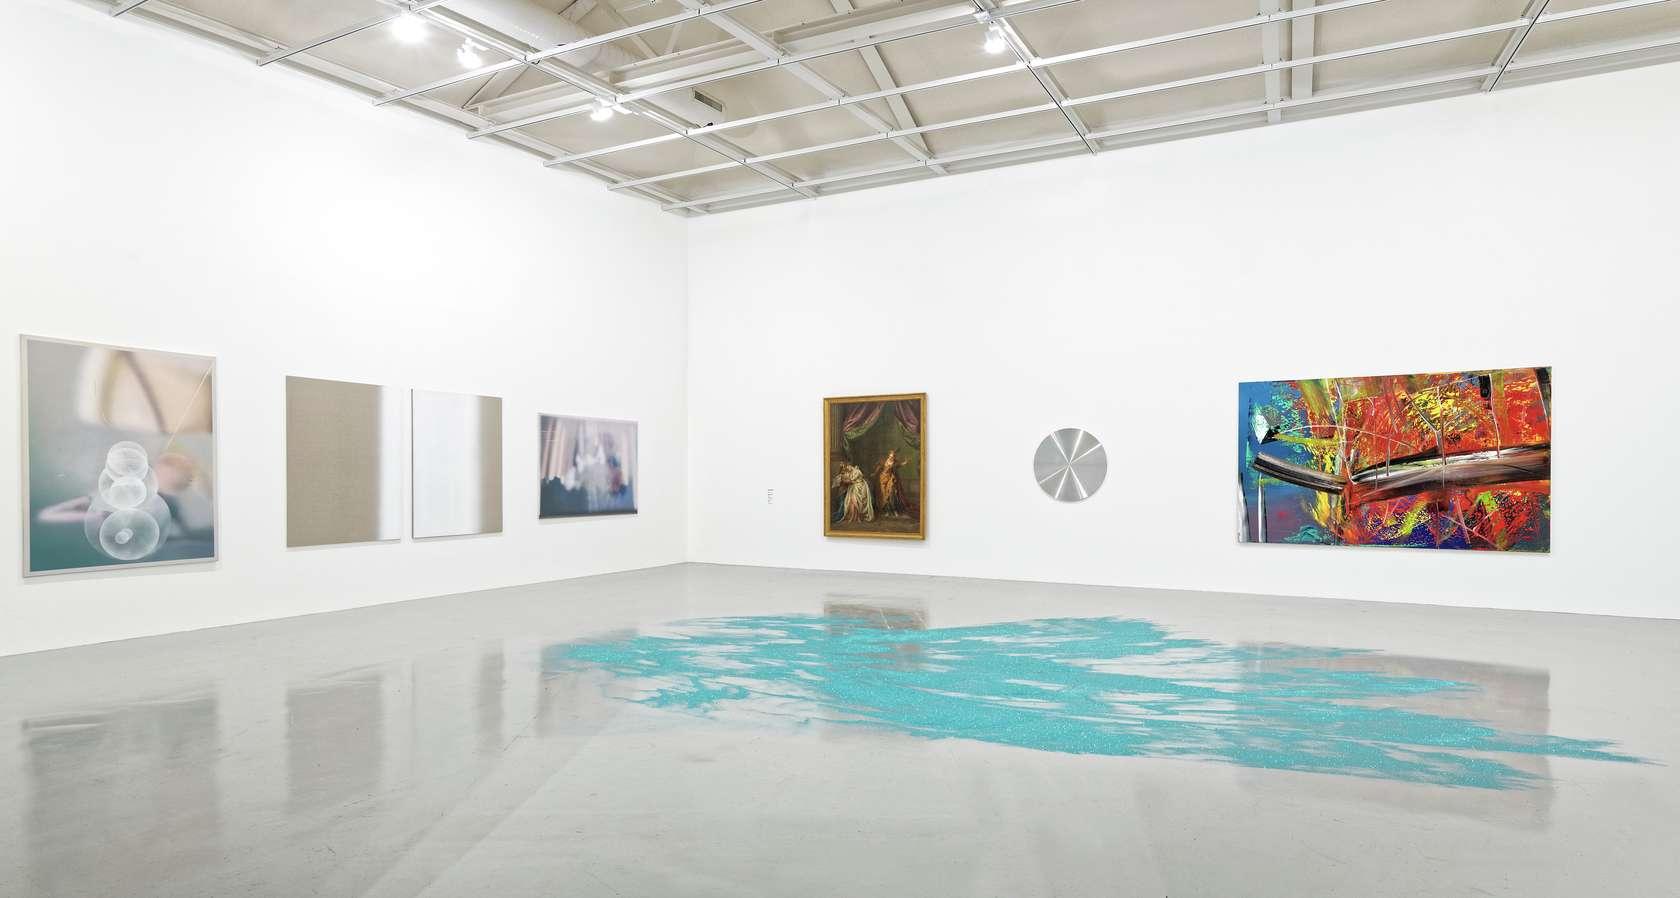 Syncopes et Extases. Vertiges du temps, Frac Franche-Comté, Cité des arts, Besançon (FR) 1 septembre 2019 - 12 janvier 2020 © Blaise Adilon